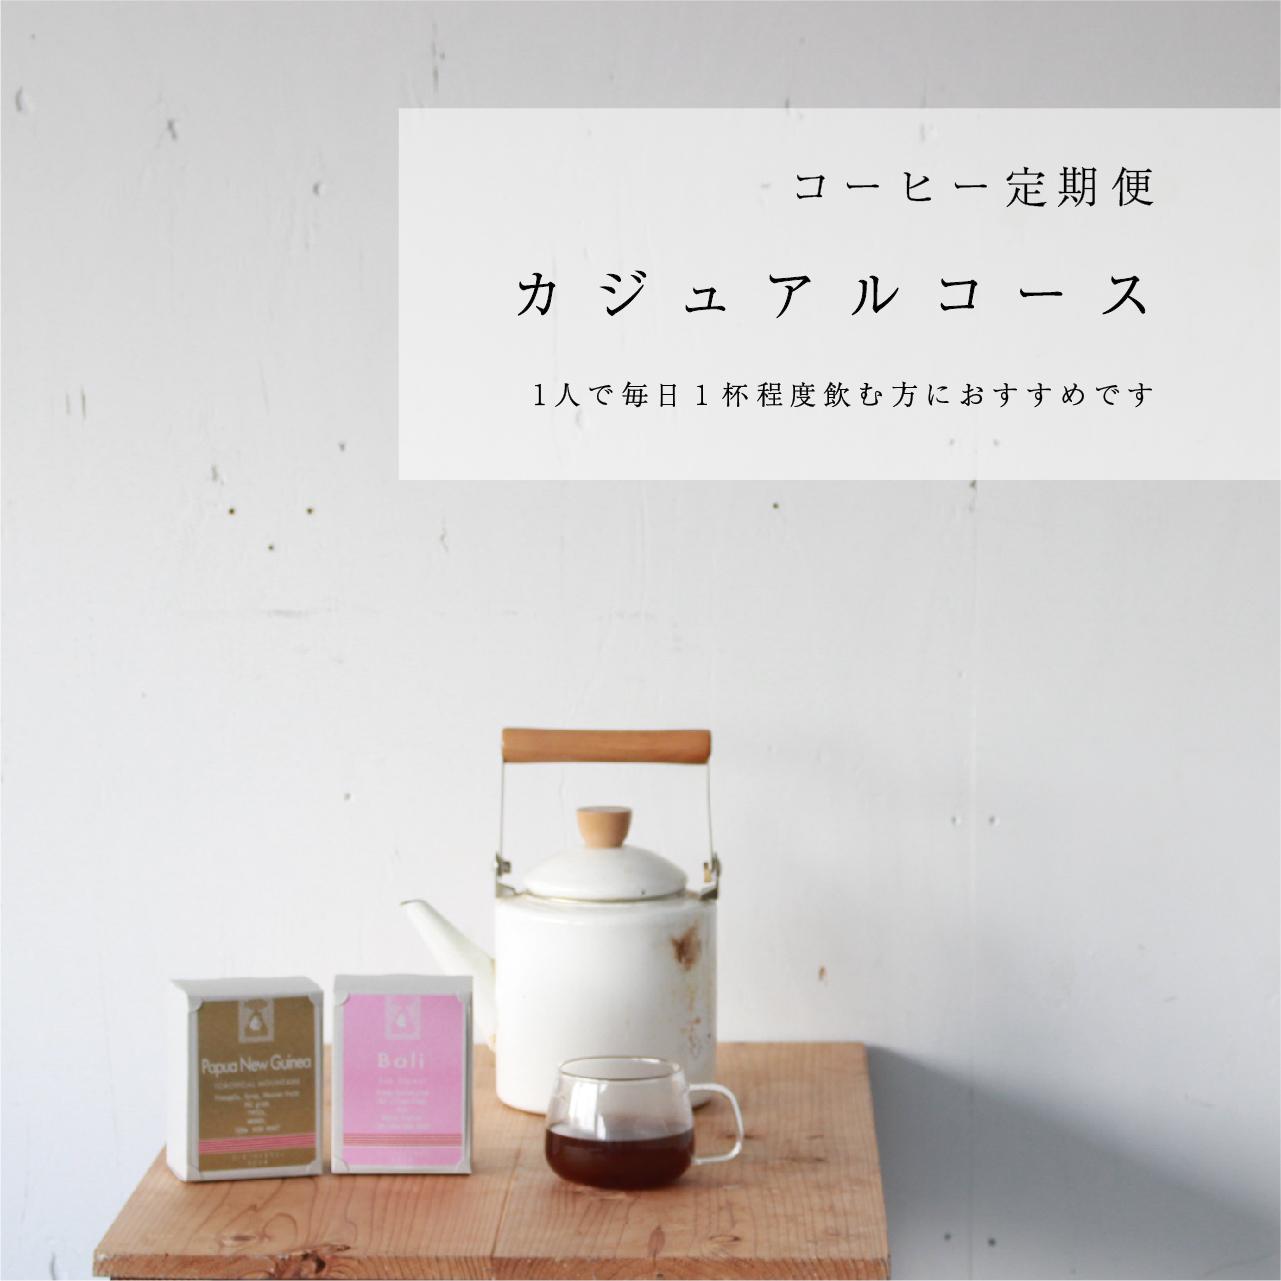 旅のコーヒー定期便「カジュアルコース」  400g 月1回【送料無料】